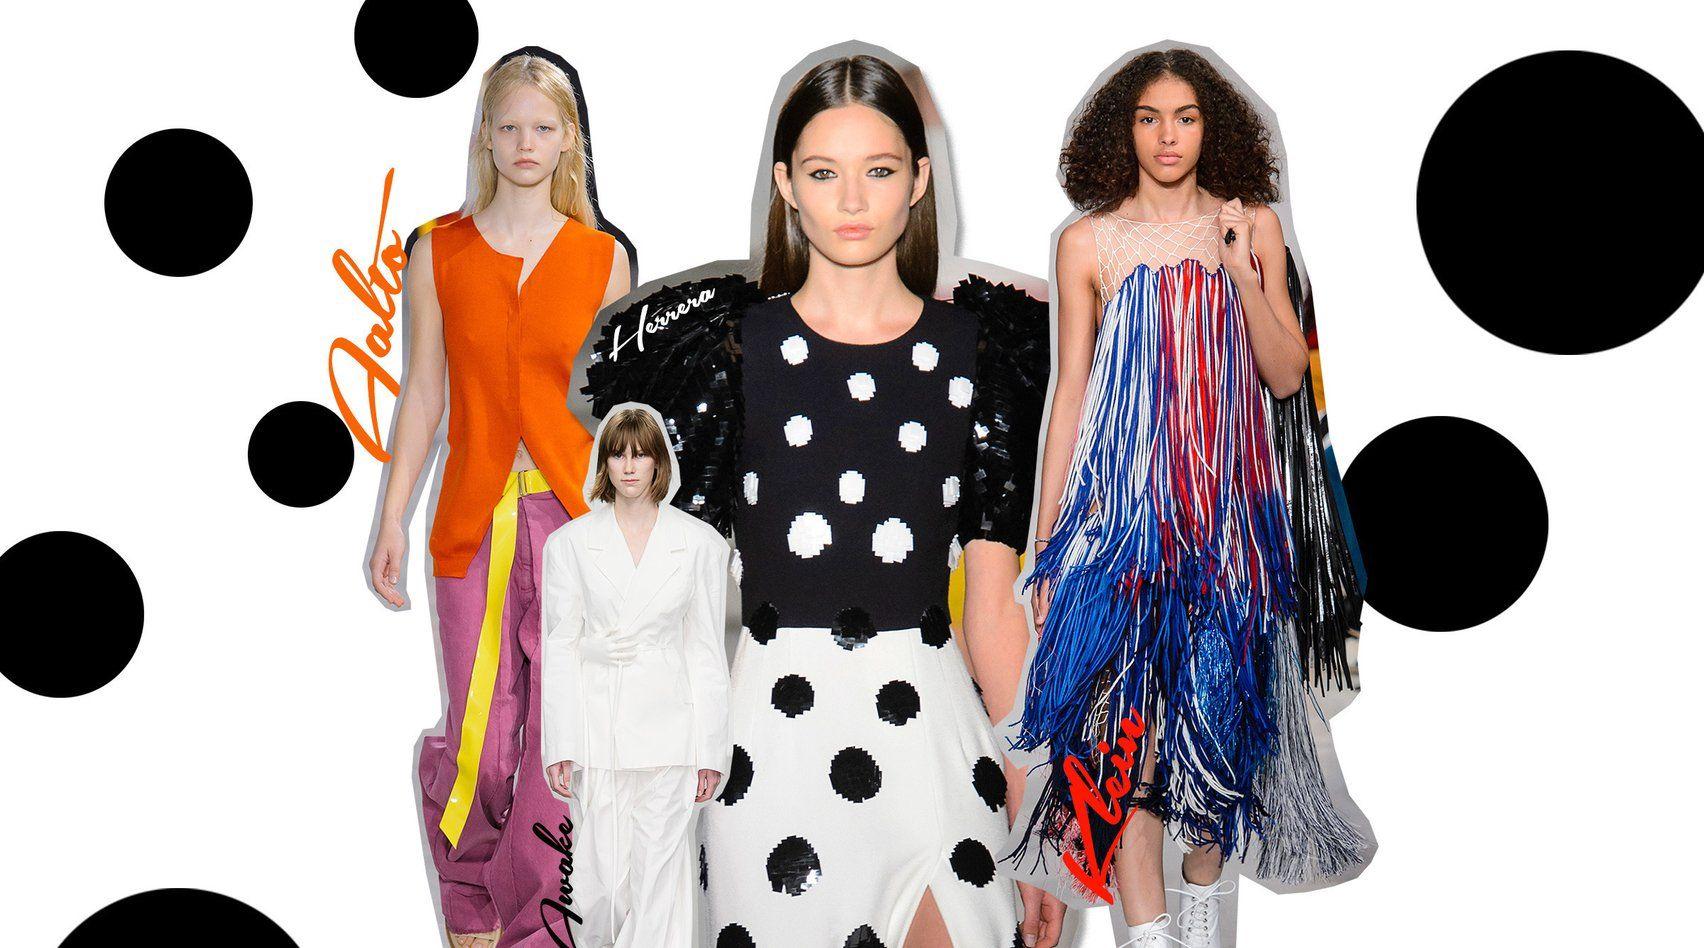 Die 10 wichtigsten Modetrends für den Frühling 2018 ...